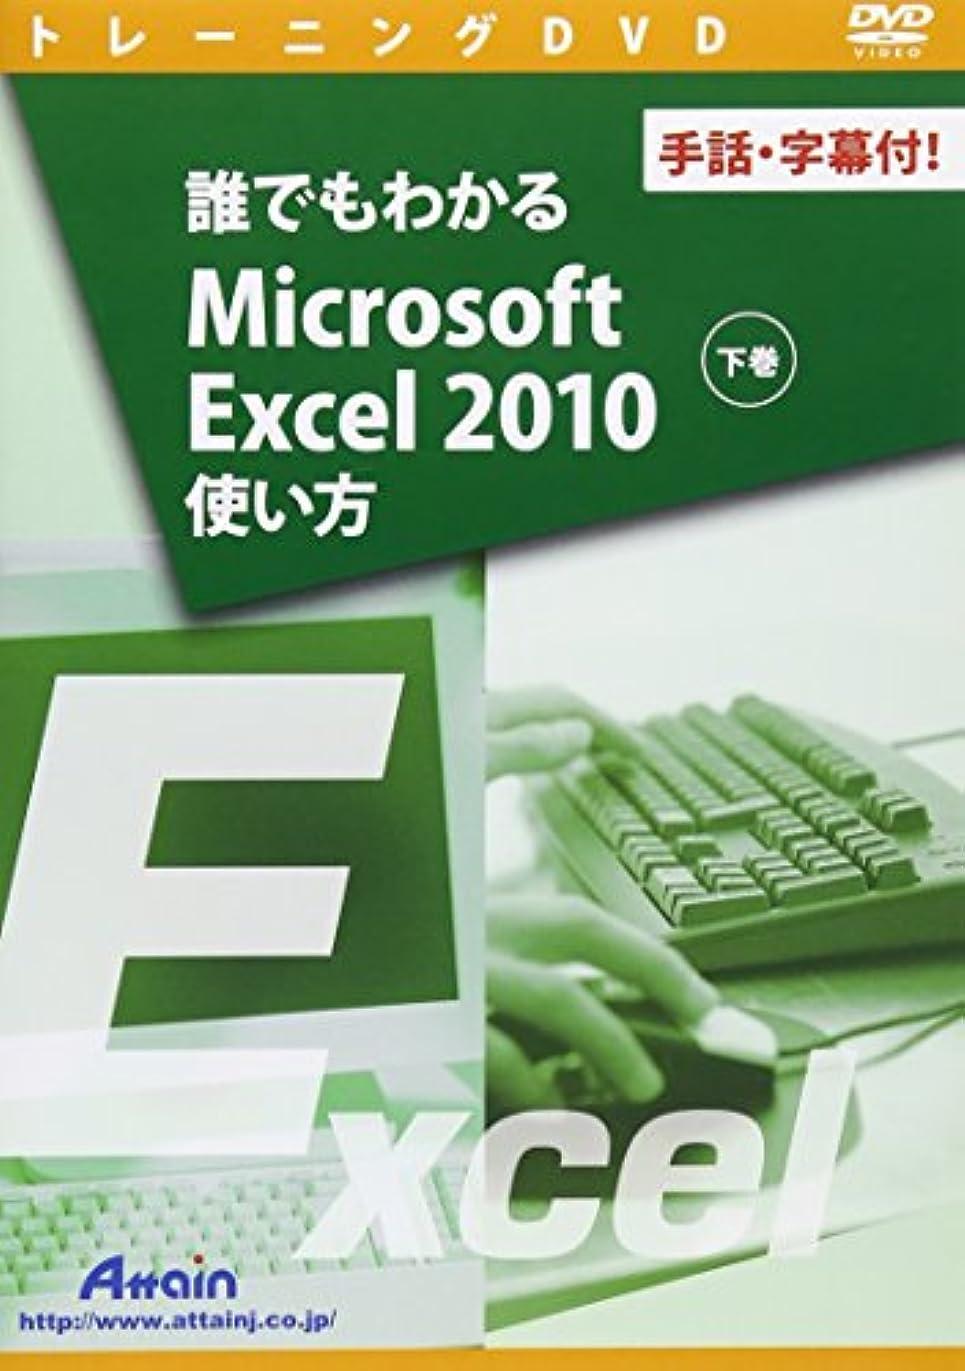 湿った社会学ガロン誰でもわかるMicrosoft Excel 2010使い方 下巻 ~手話?字幕付! ~